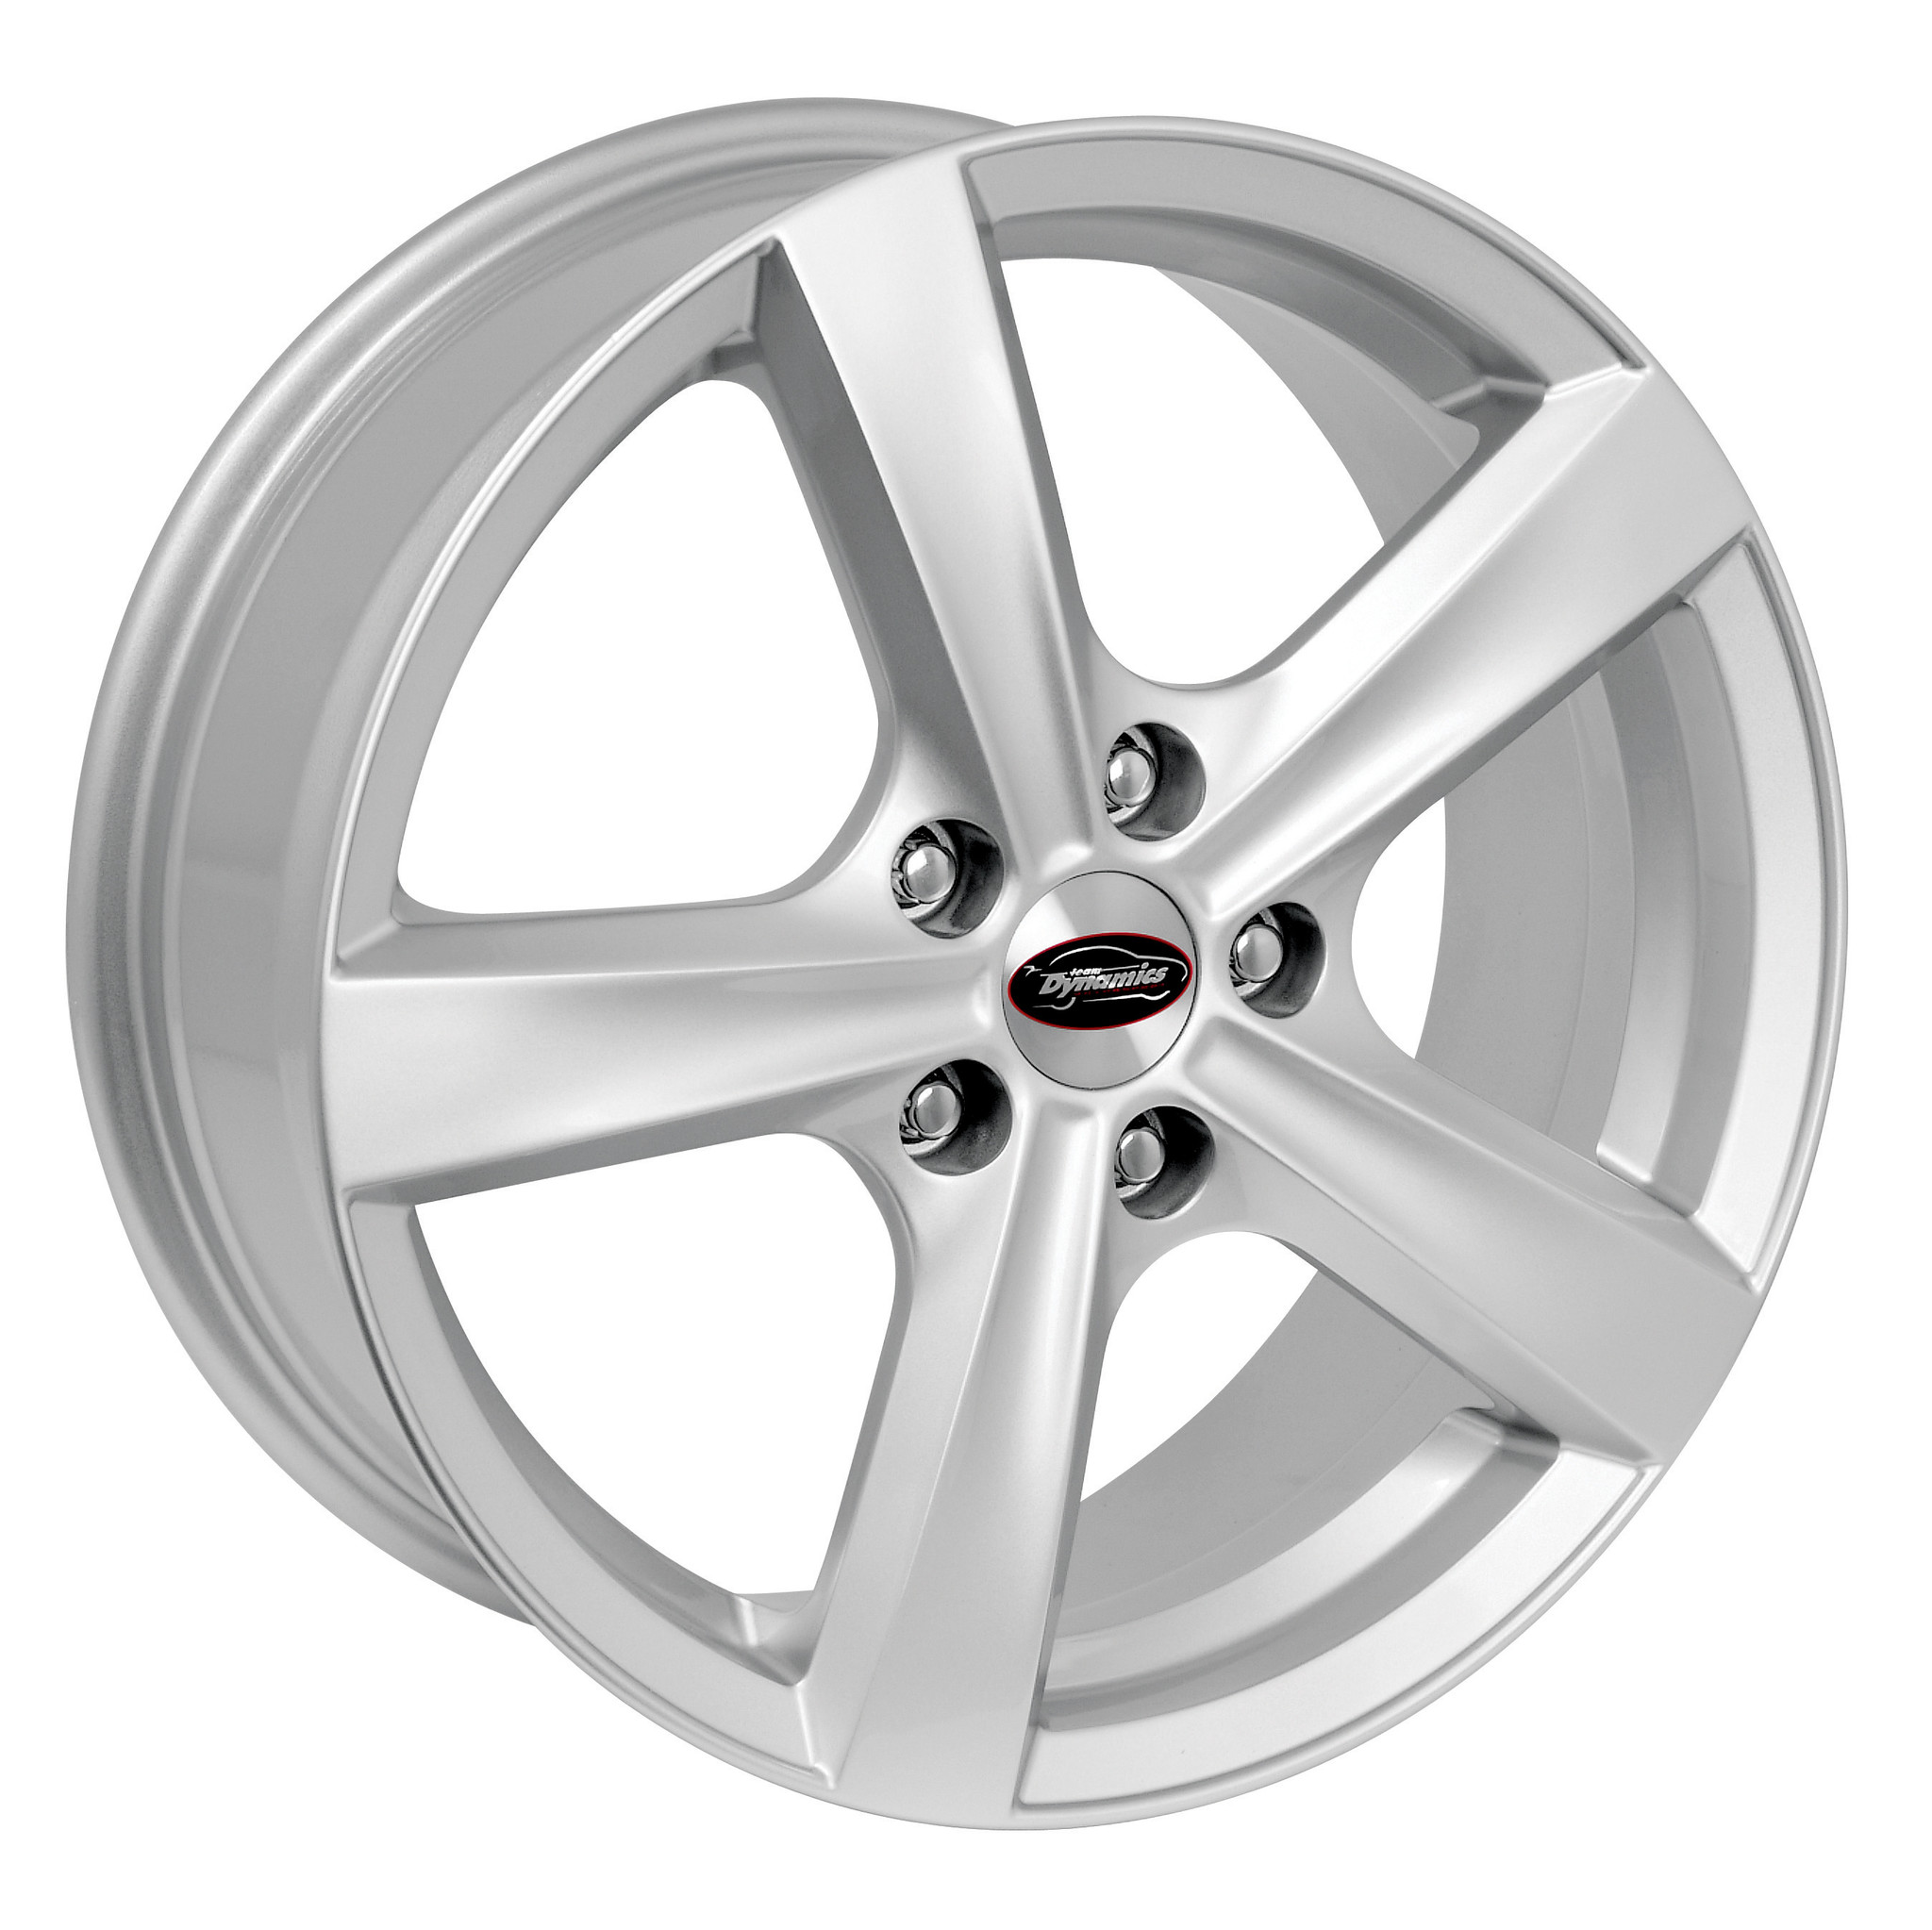 """TD Wheels TD Wheels  """"CYCLONE""""  6,5 x 16   -  7 x 17"""